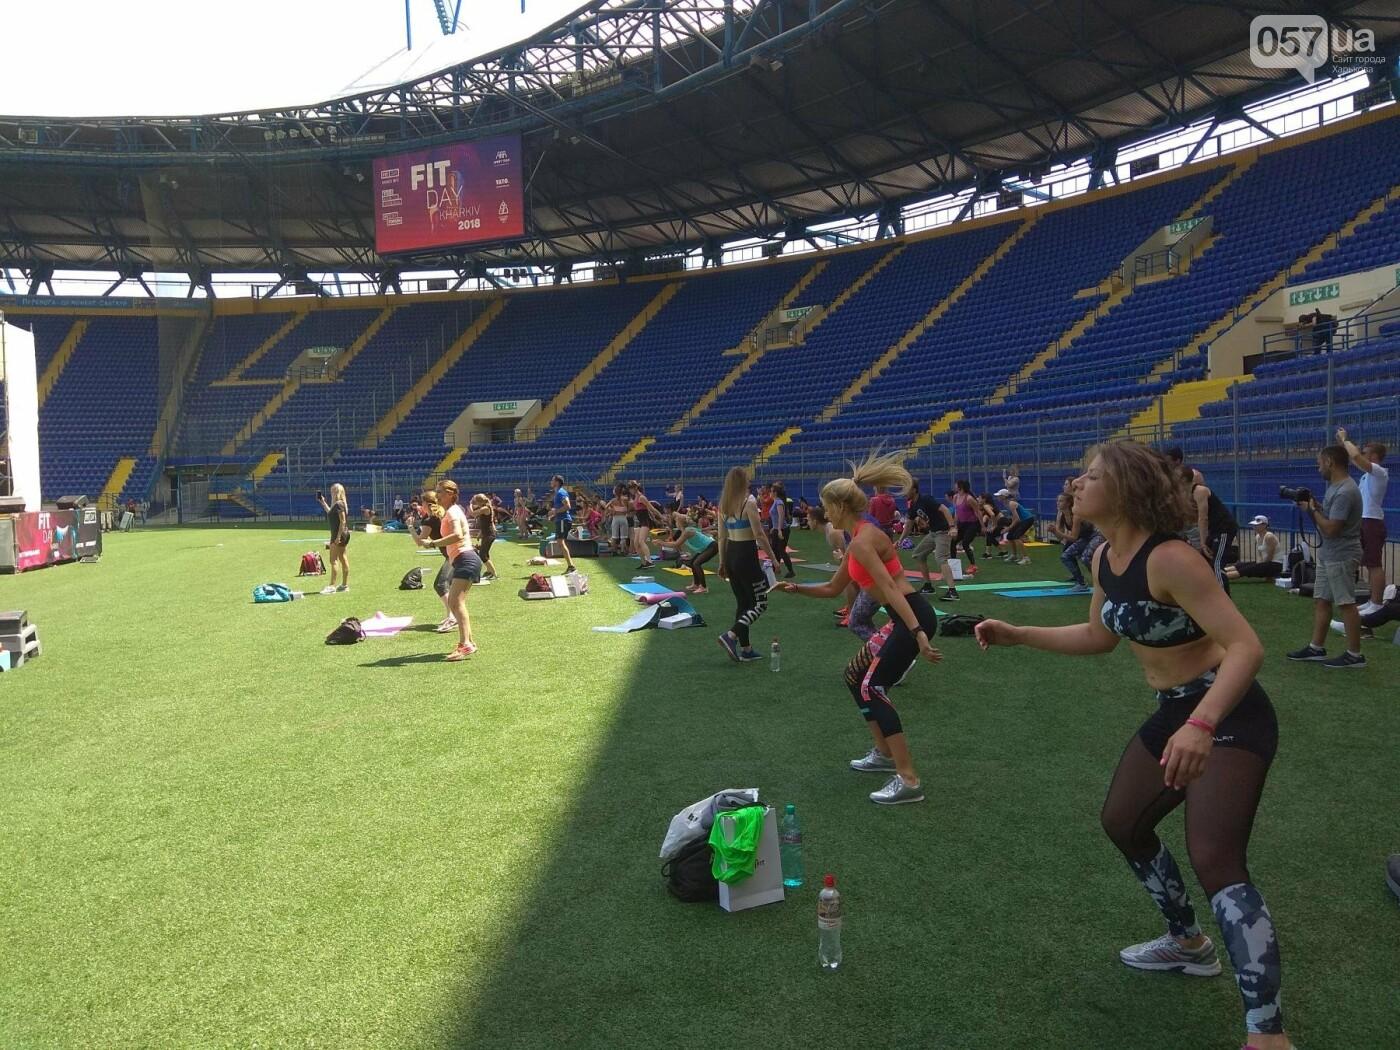 Фитнес и силовые упражнения. Как в Харькове проходят соревнования по кроссфиту, - ФОТО, фото-12